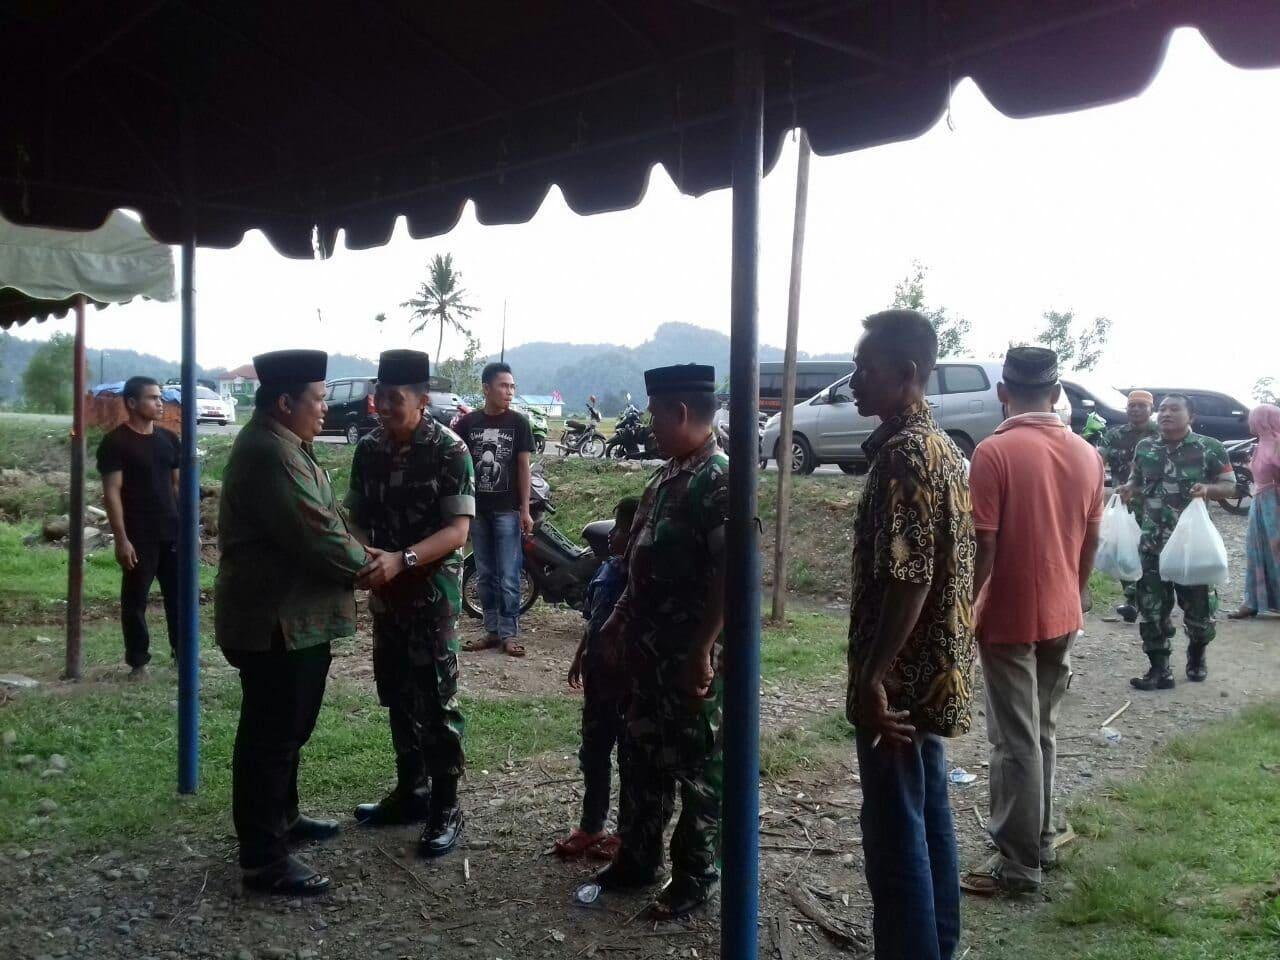 Dandim 0114 Ucapkan Bela Sungkawa Wafatnya Orang Tua Wakil Bupati Aceh Jaya